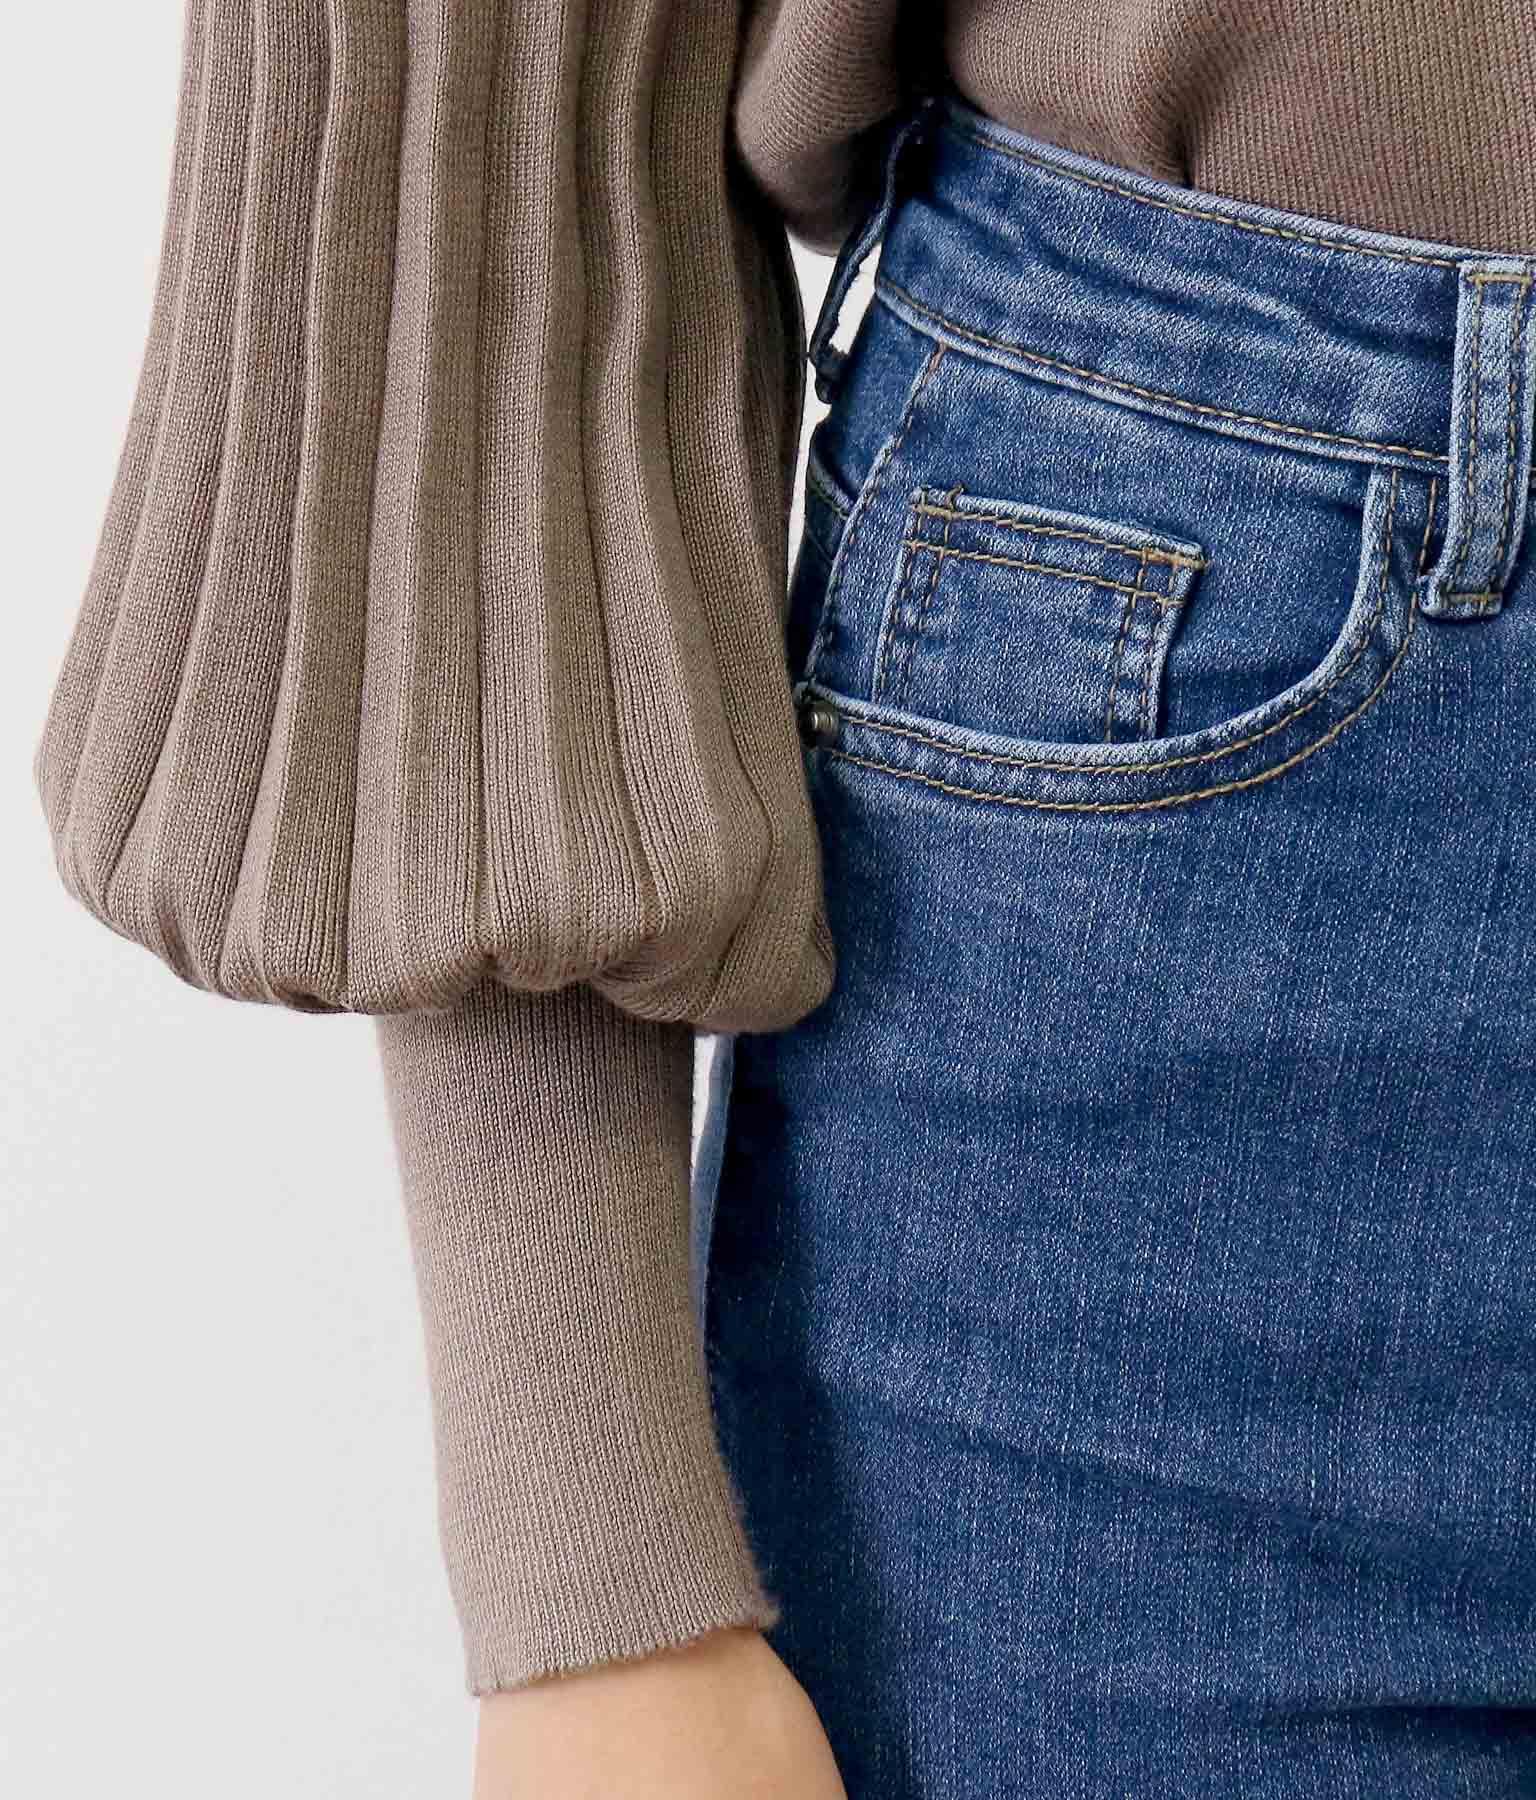 パールボタン付き袖プリーツニットカーディガン(アウター(コート・ジャケット) /カーディガン) | CHILLE